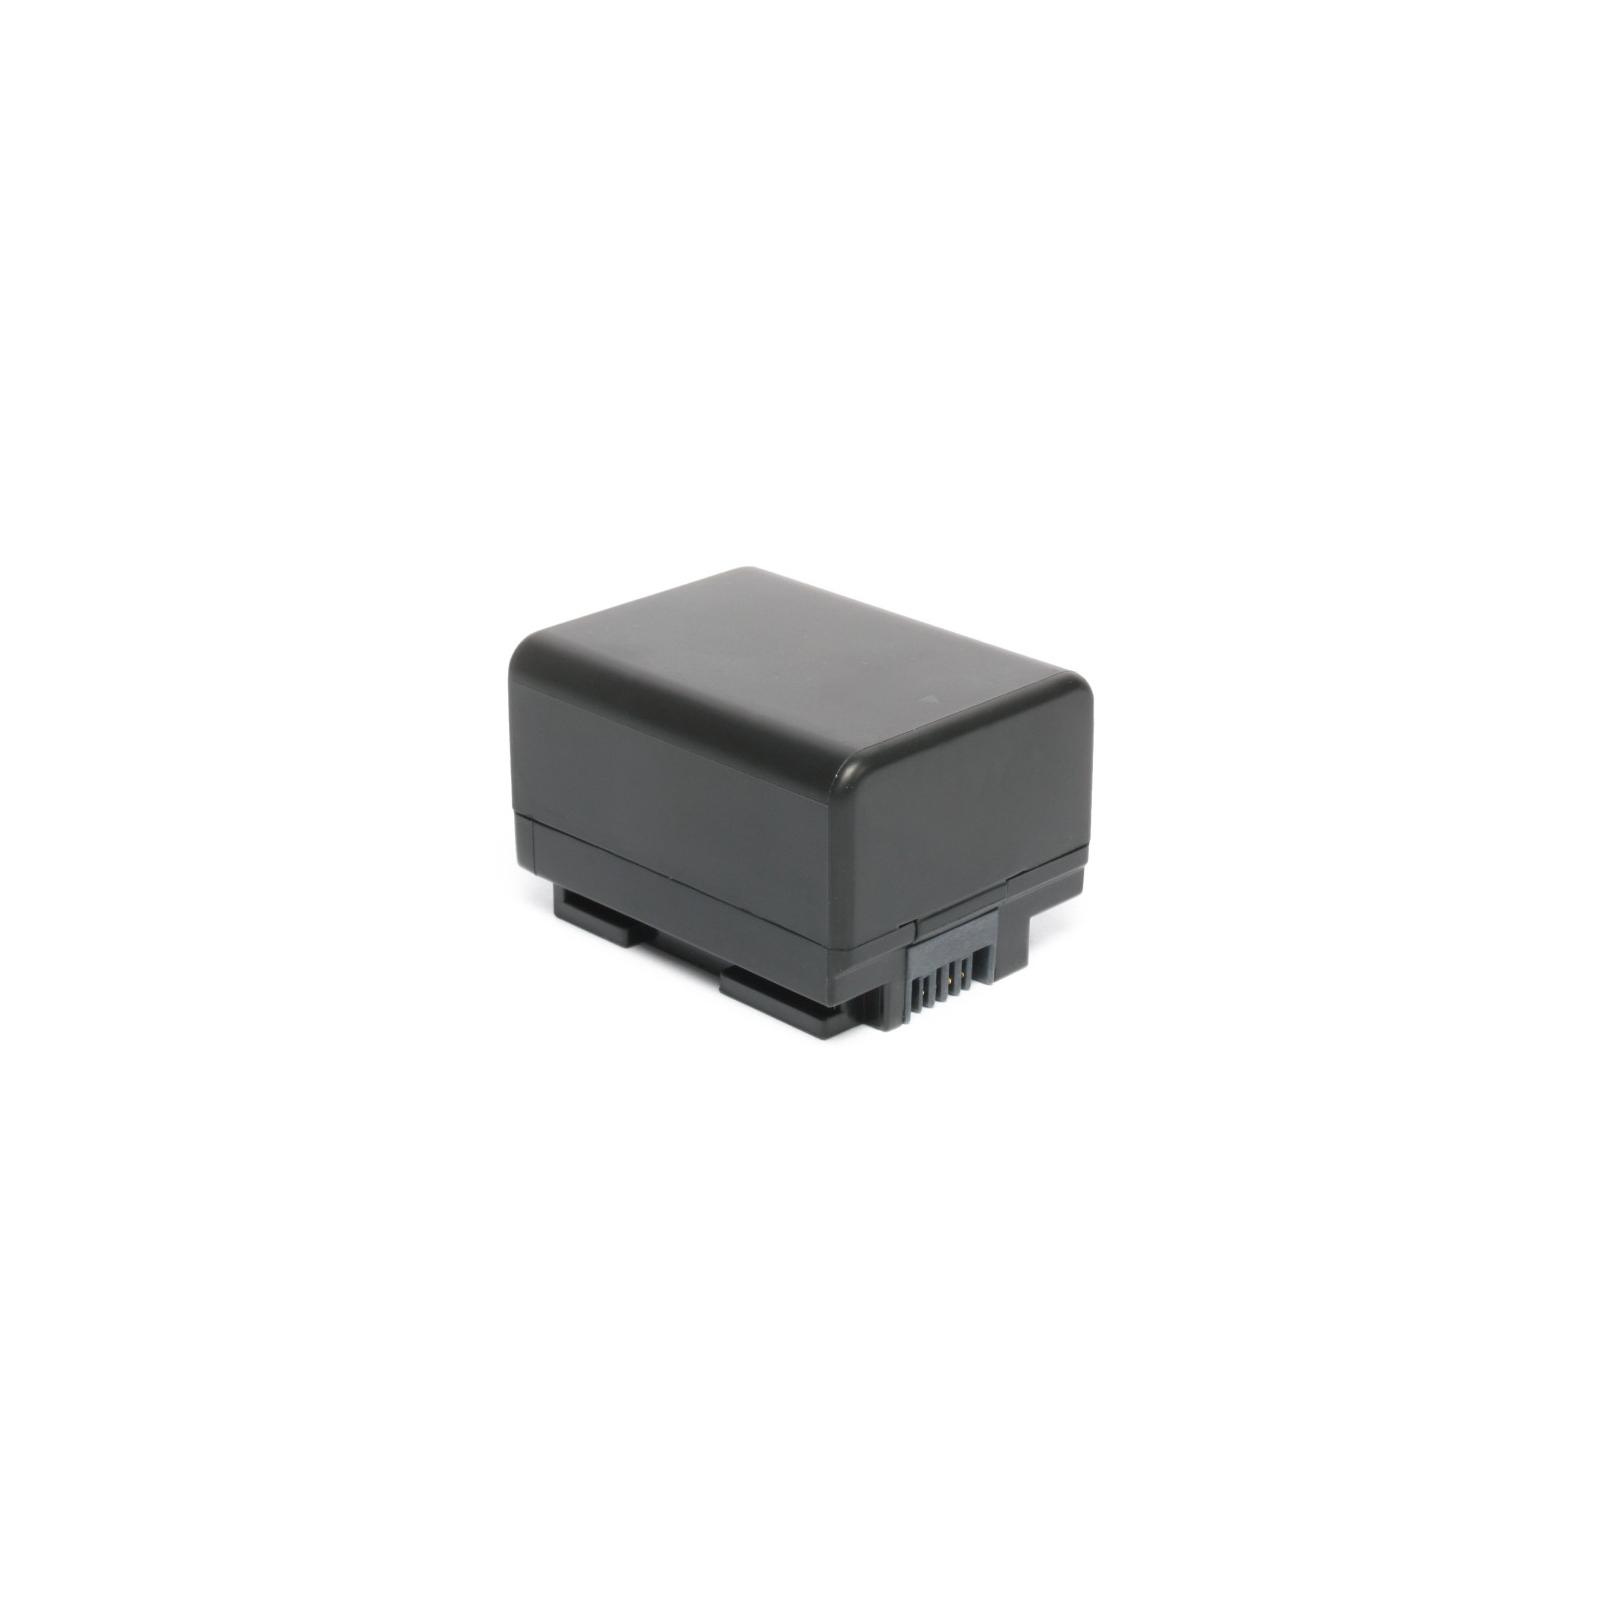 Аккумулятор к фото/видео EXTRADIGITAL Canon BP-718 (chip) (BDC1301) изображение 3